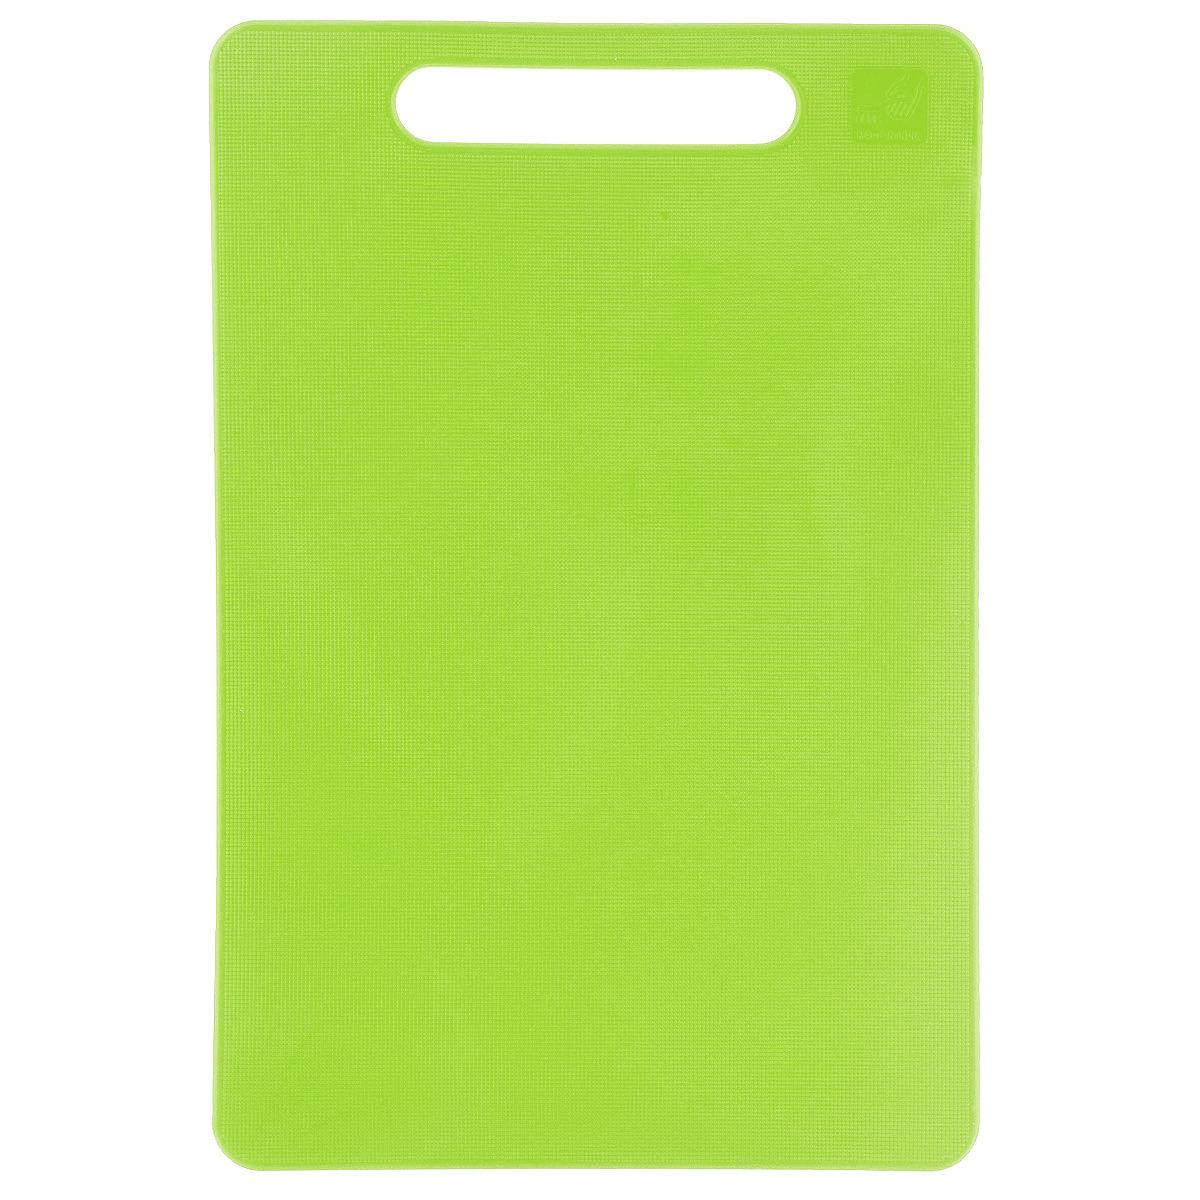 Доска разделочная Kesper, цвет: зеленый, 24 см х 15 см3046-1Яркая разделочная доска Kesper прекрасно подходит для разделки всех видов пищевых продуктов. Изготовлена из одноцветного прочного пластика. Изделие оснащено отверстием для подвешивания на крючок. Можно мыть в посудомоечной машине.